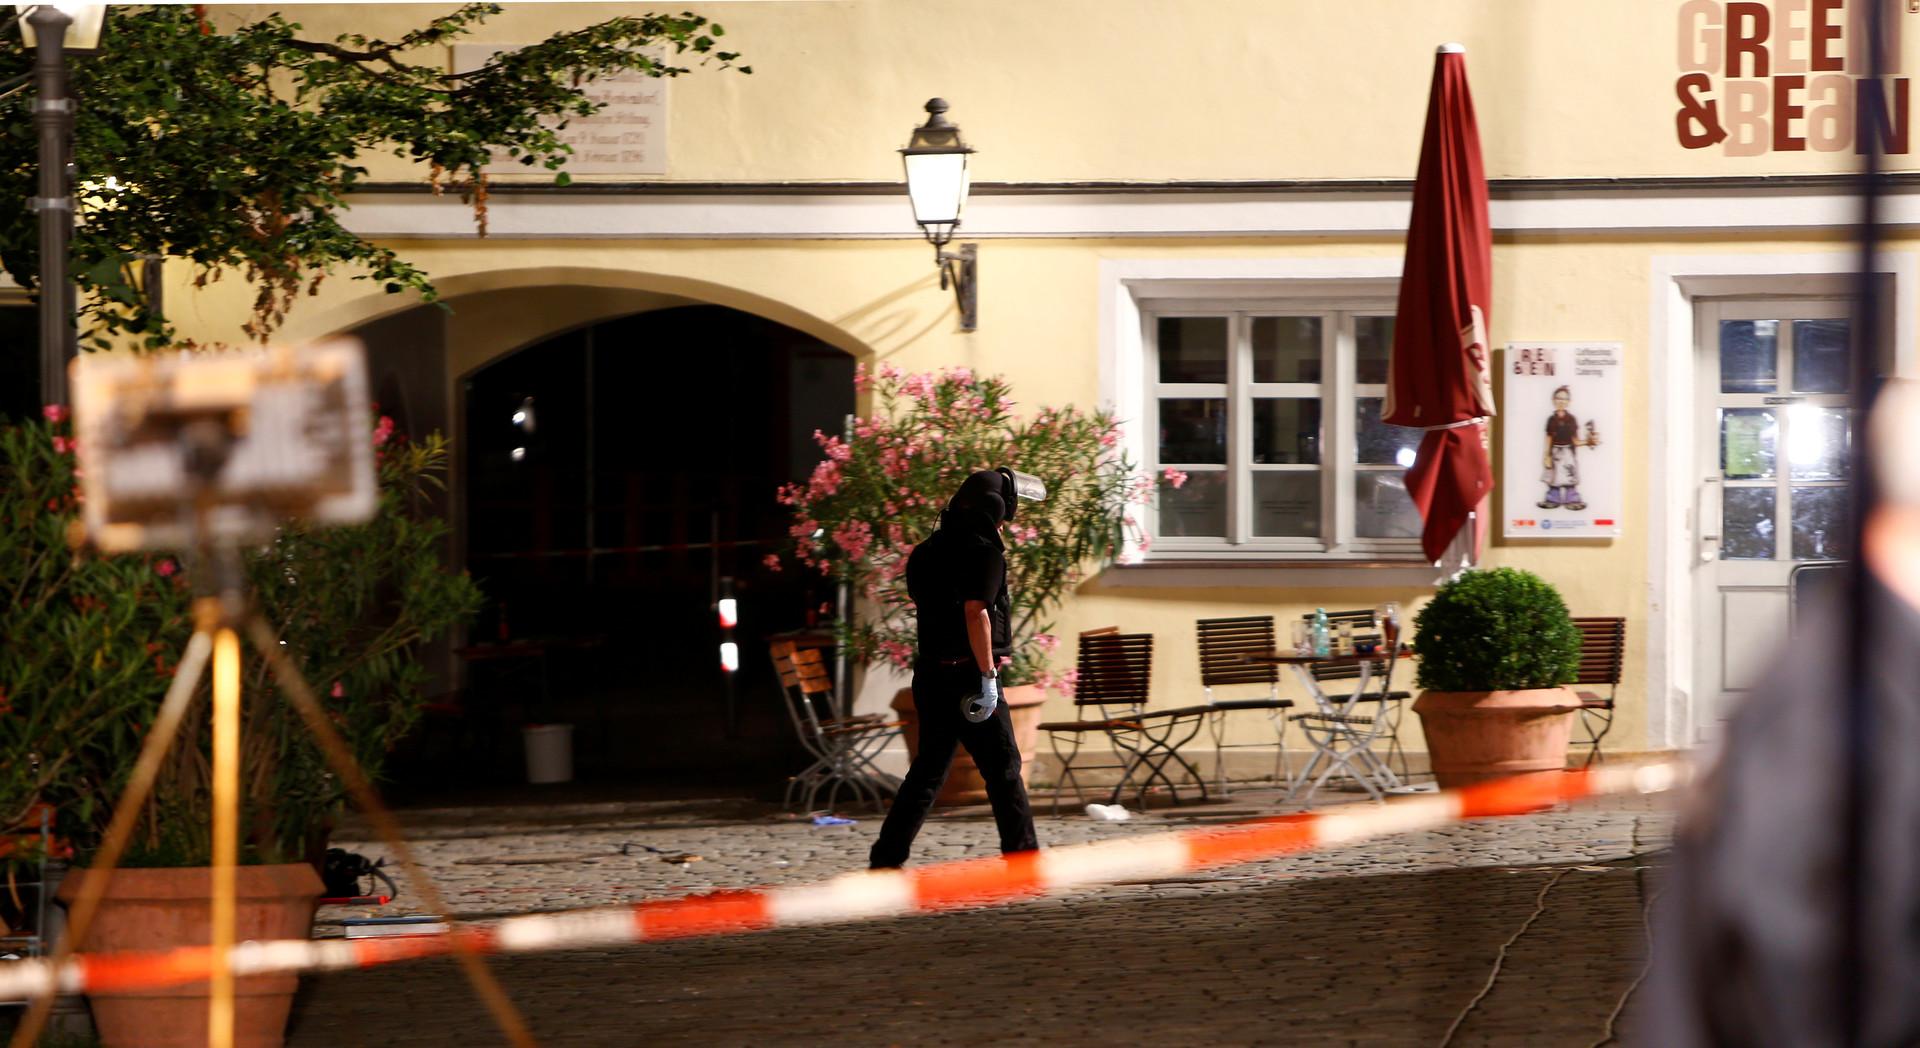 МВД Баварии: Сирийцу, подозреваемому во взрыве в Ансбахе, ранее отказали в статусе беженца